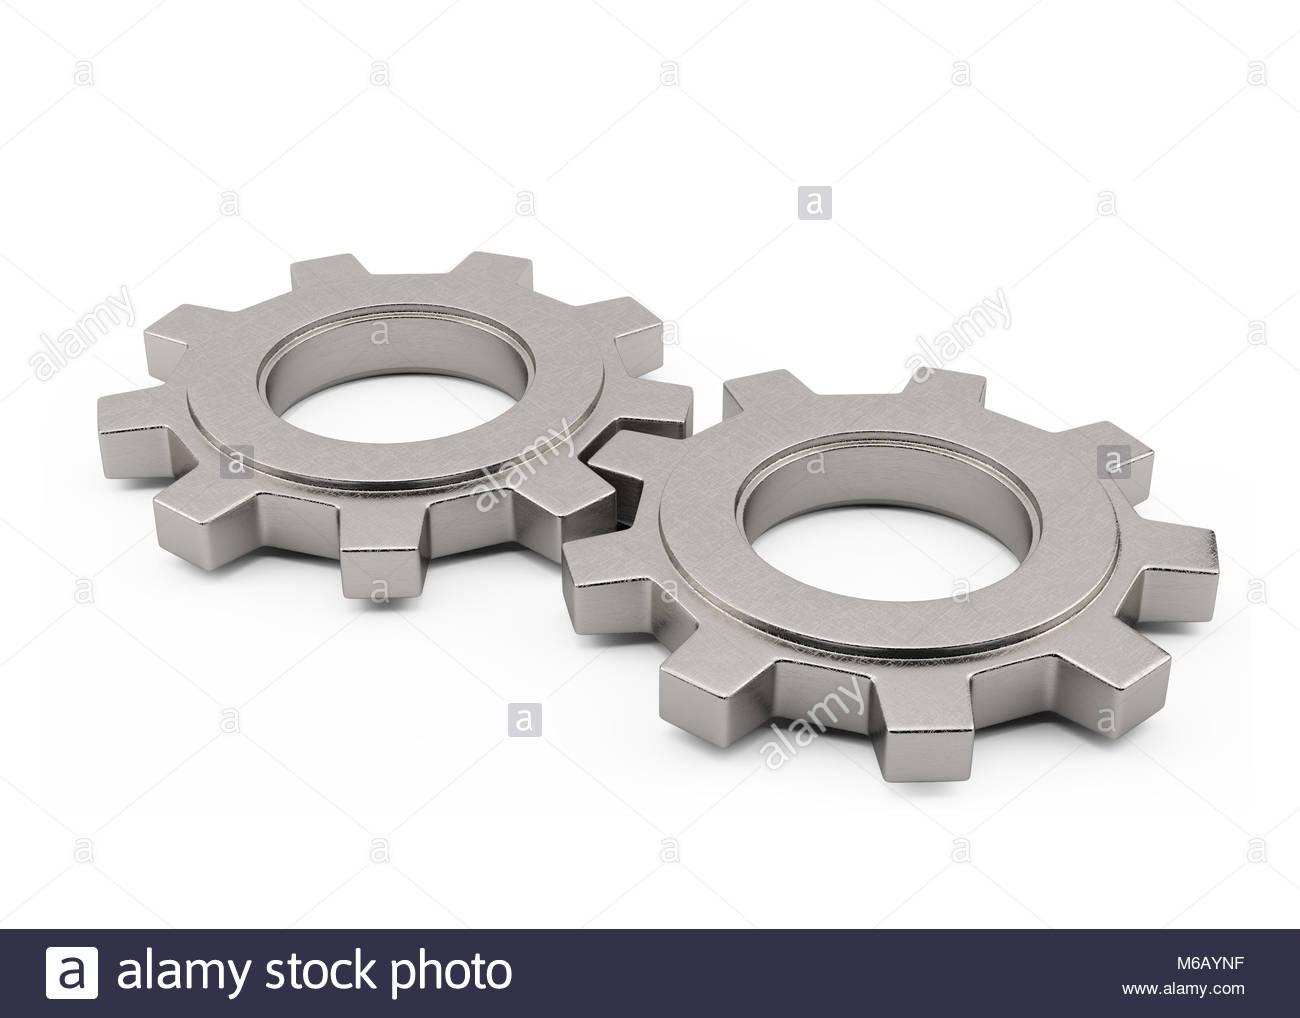 Metall Teile des Motors isoliert auf weißem Stockfoto, Bild ...